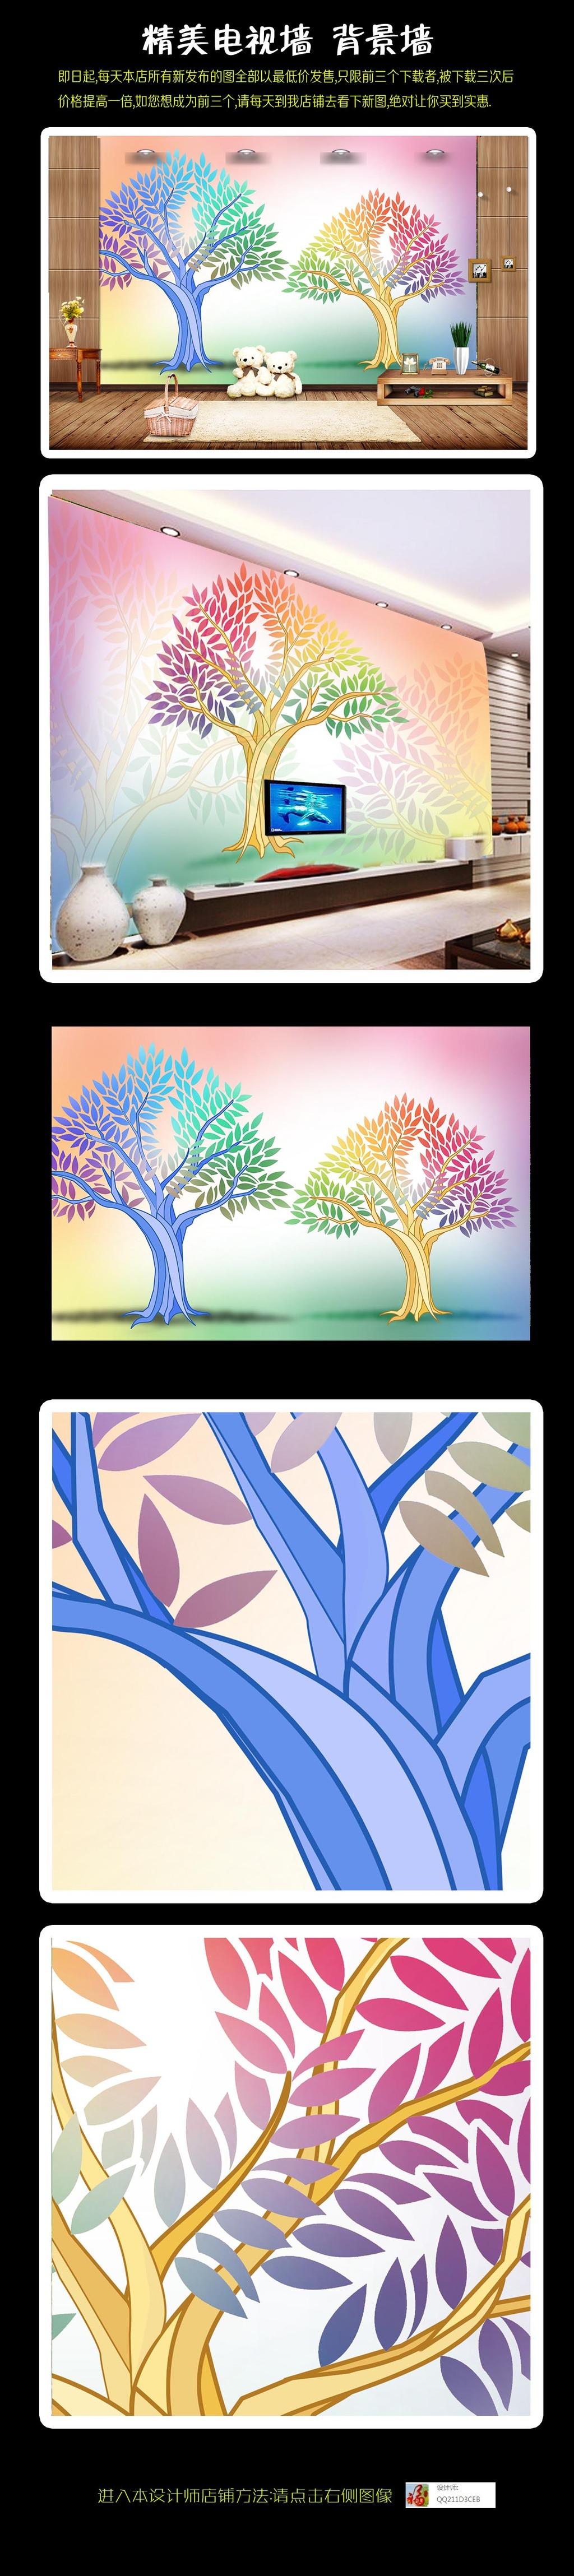 高清彩色手绘树电视背景墙